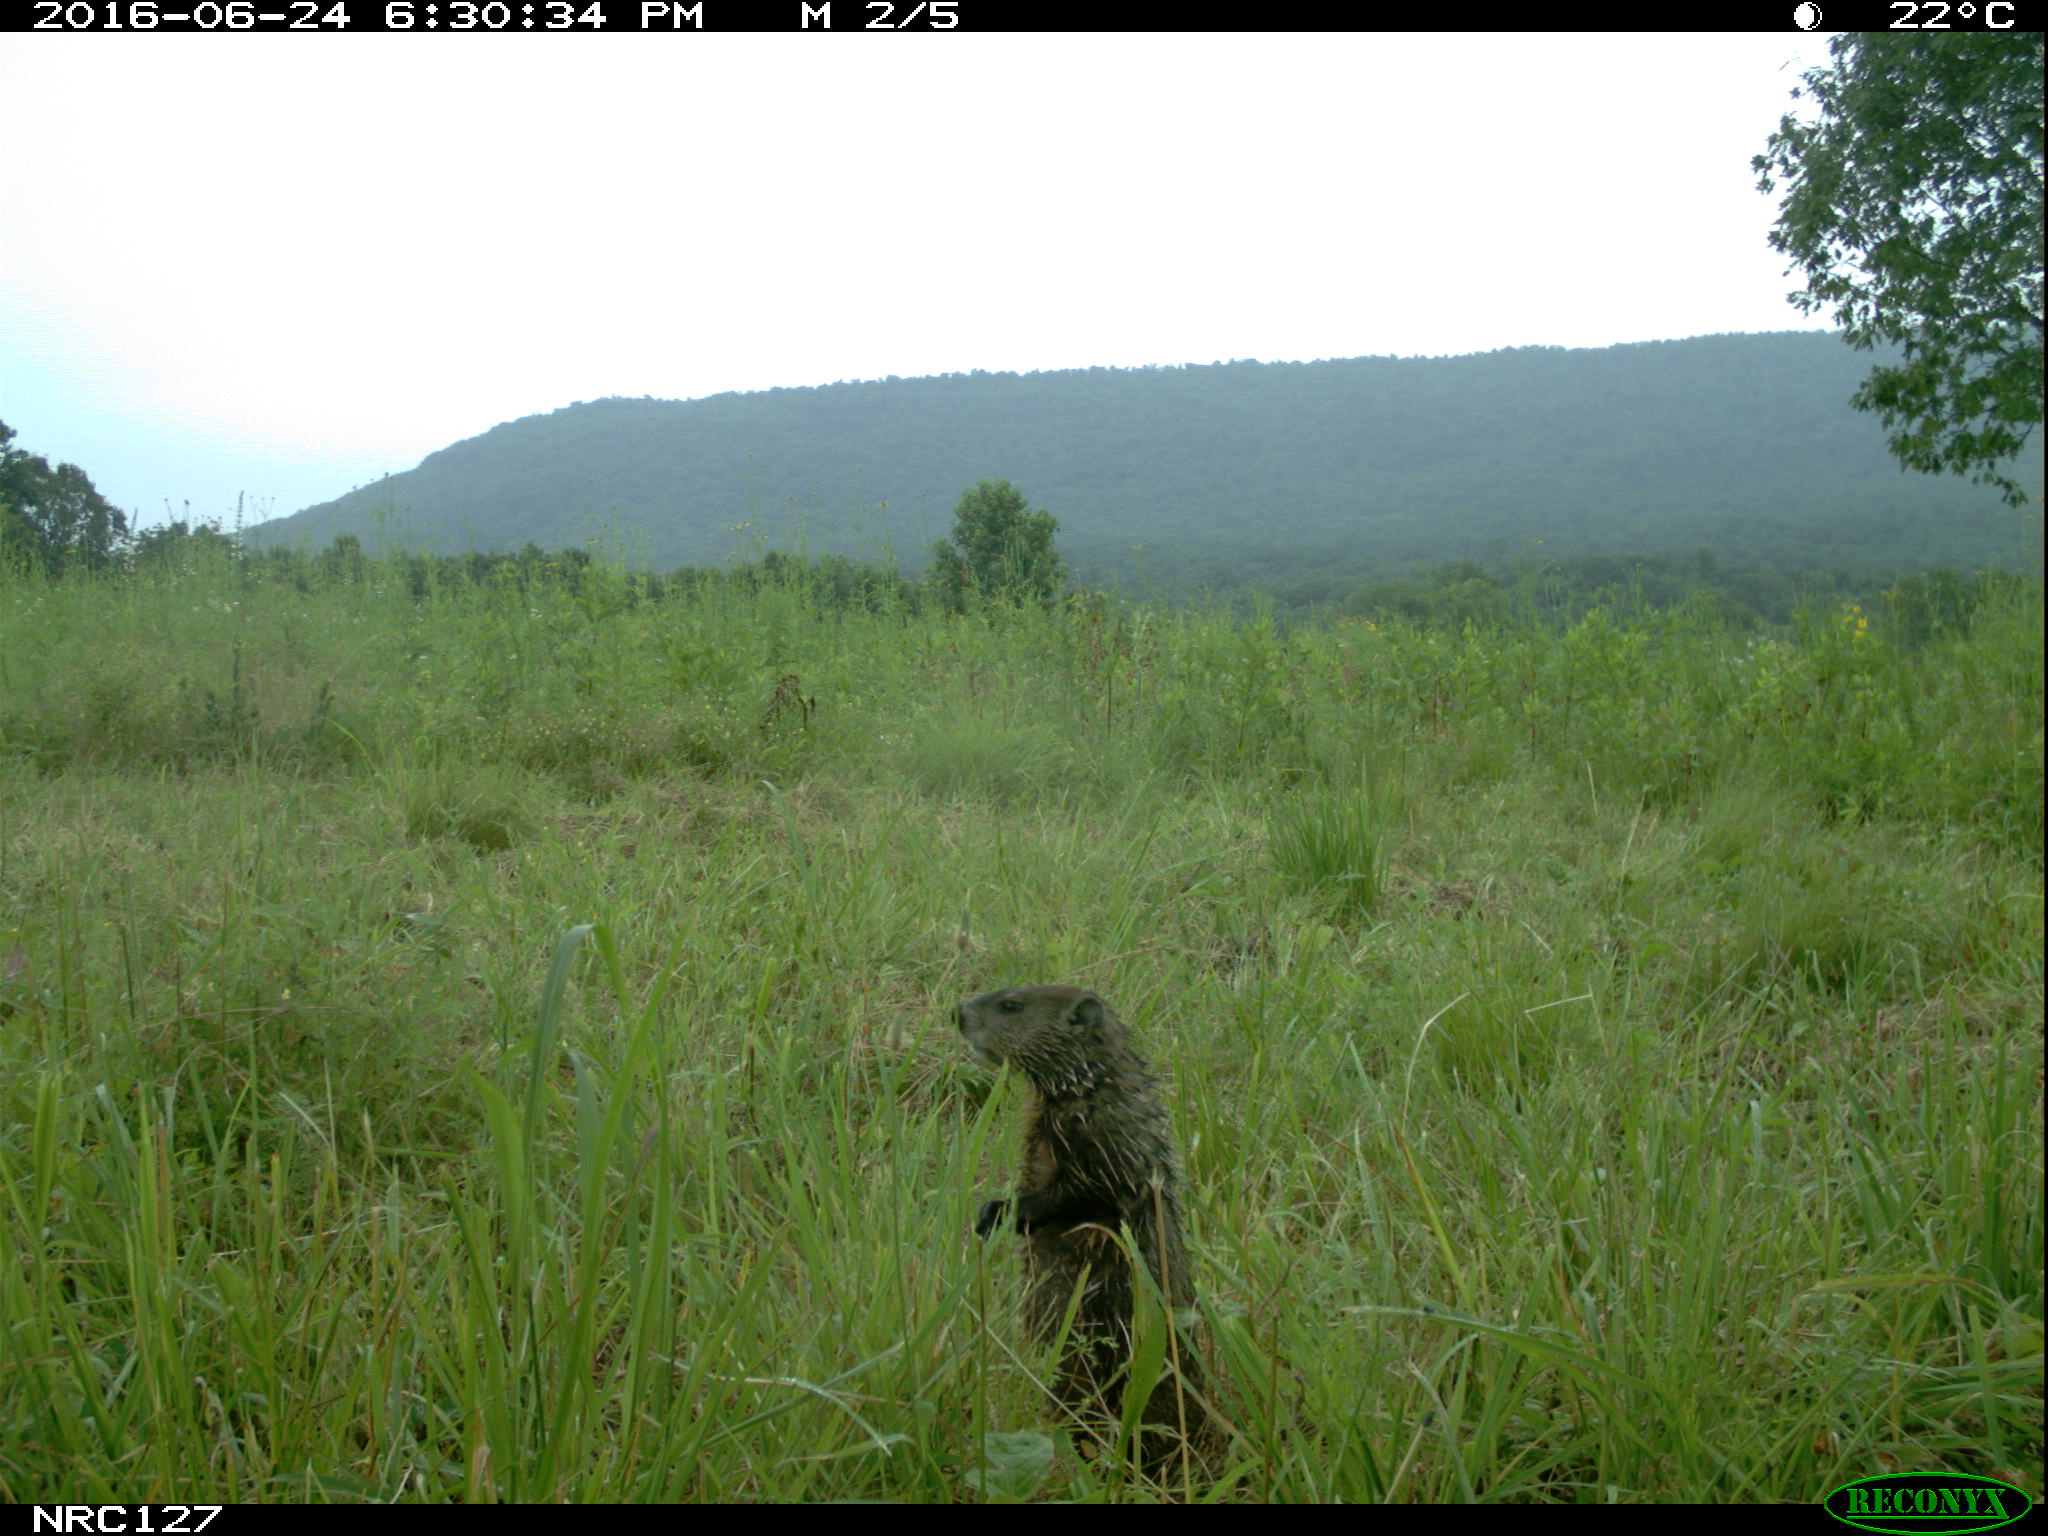 woodchuck on camera trap